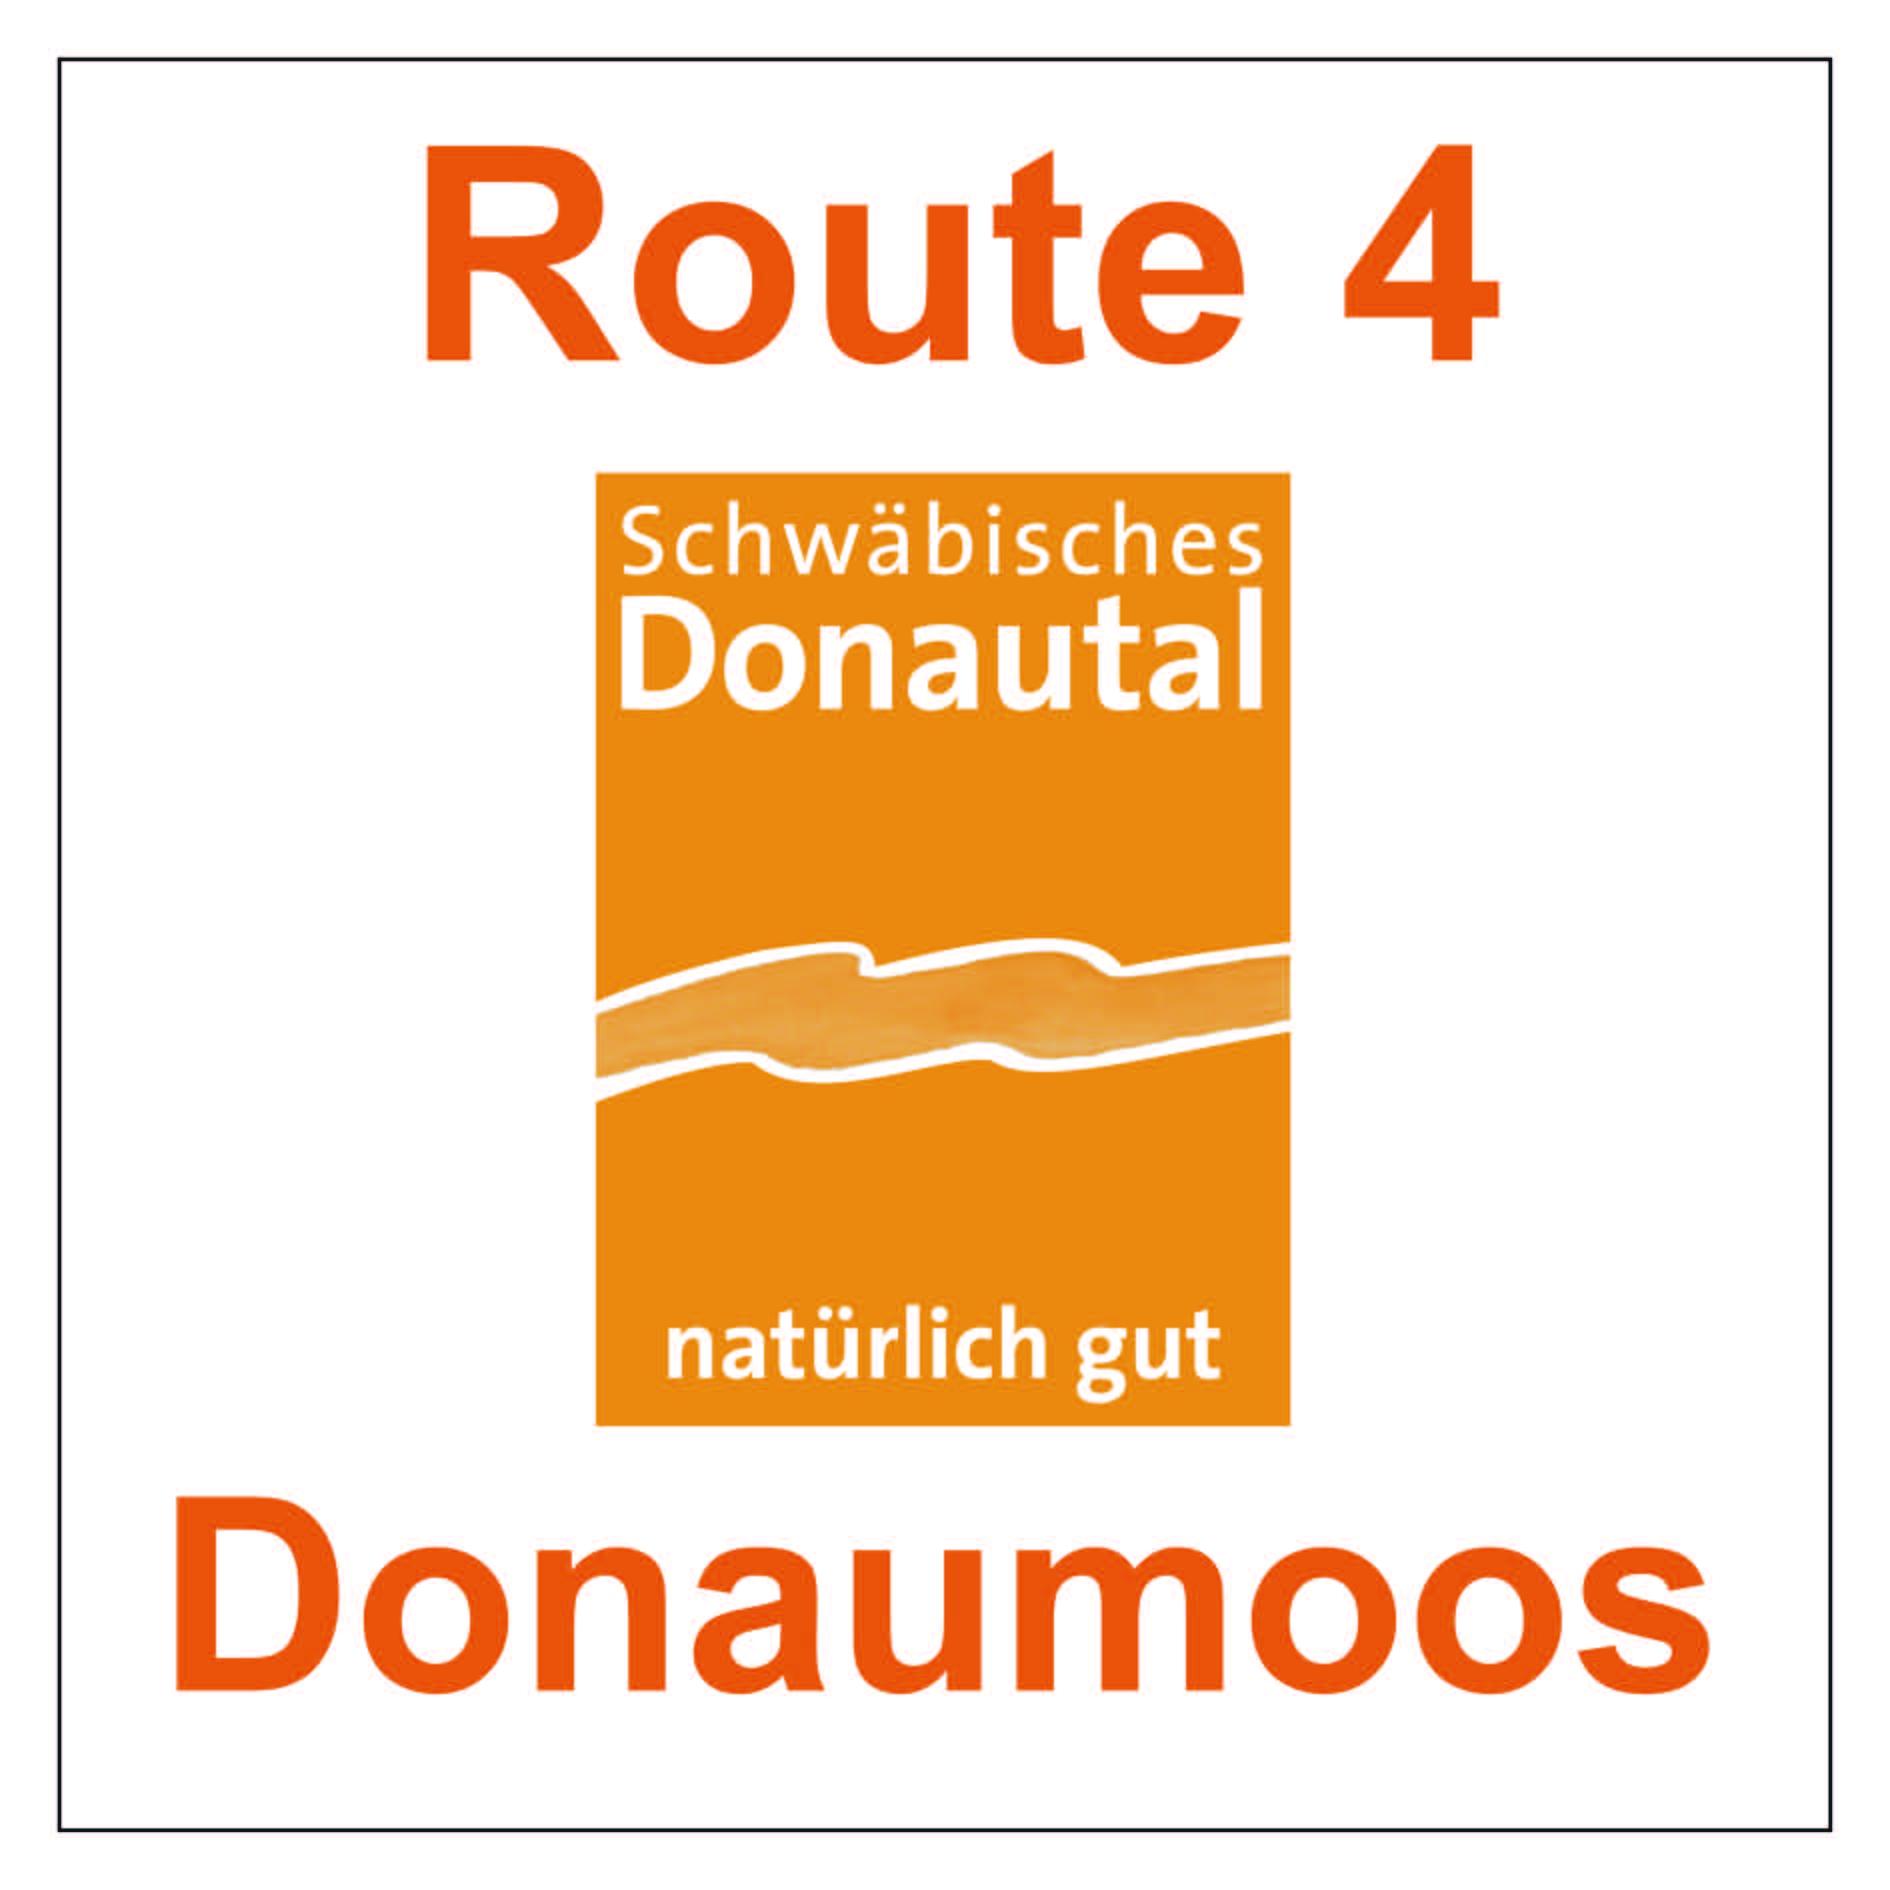 Piktogramm Donaumoos